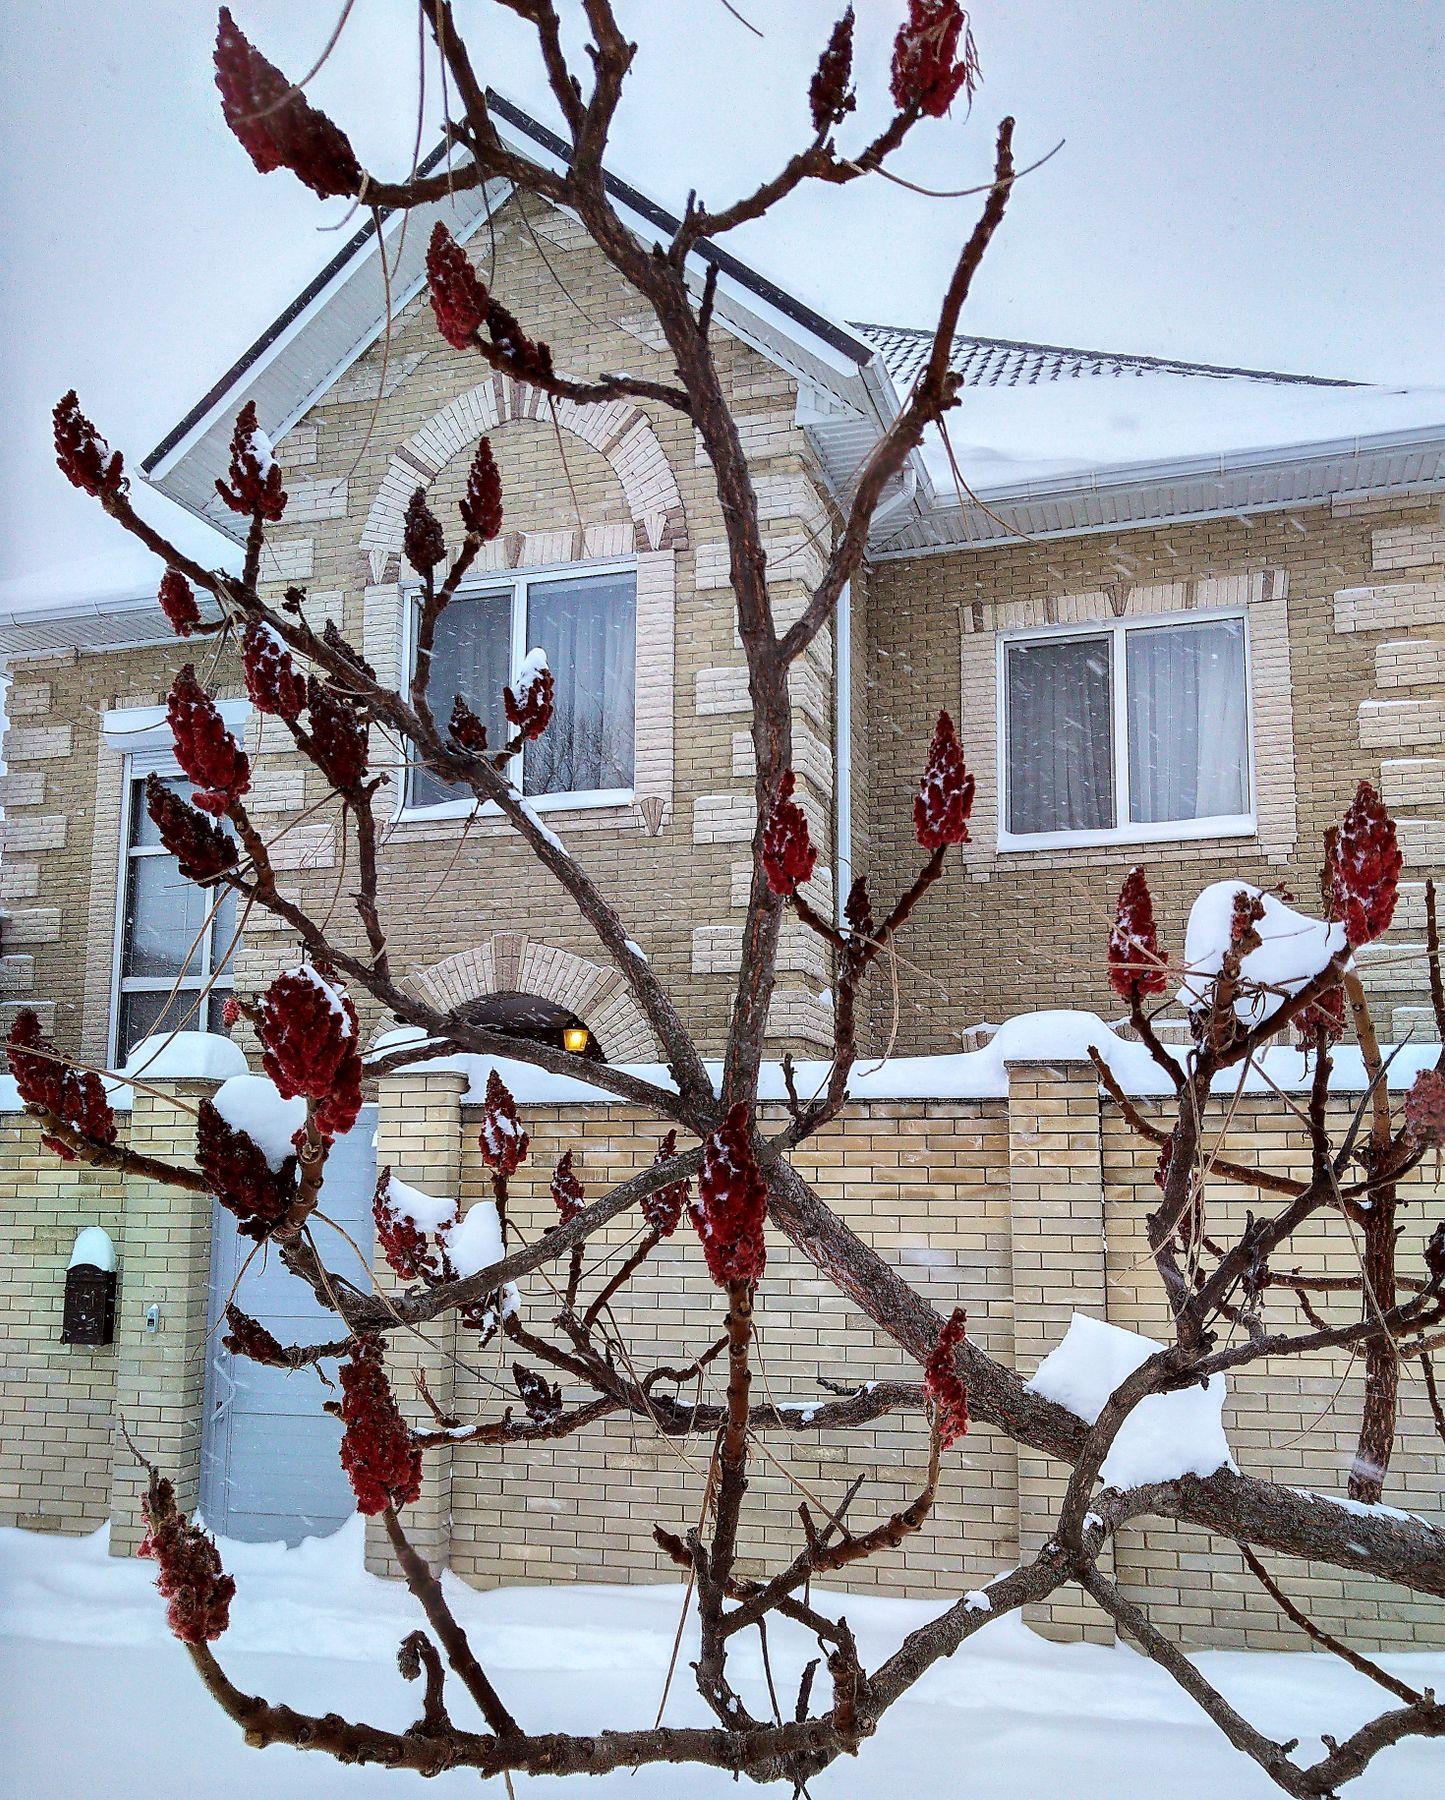 Яркий акцент холодной зимой фотография дневник настроение юмор ирония природа пейзаж зима снег дом сумах